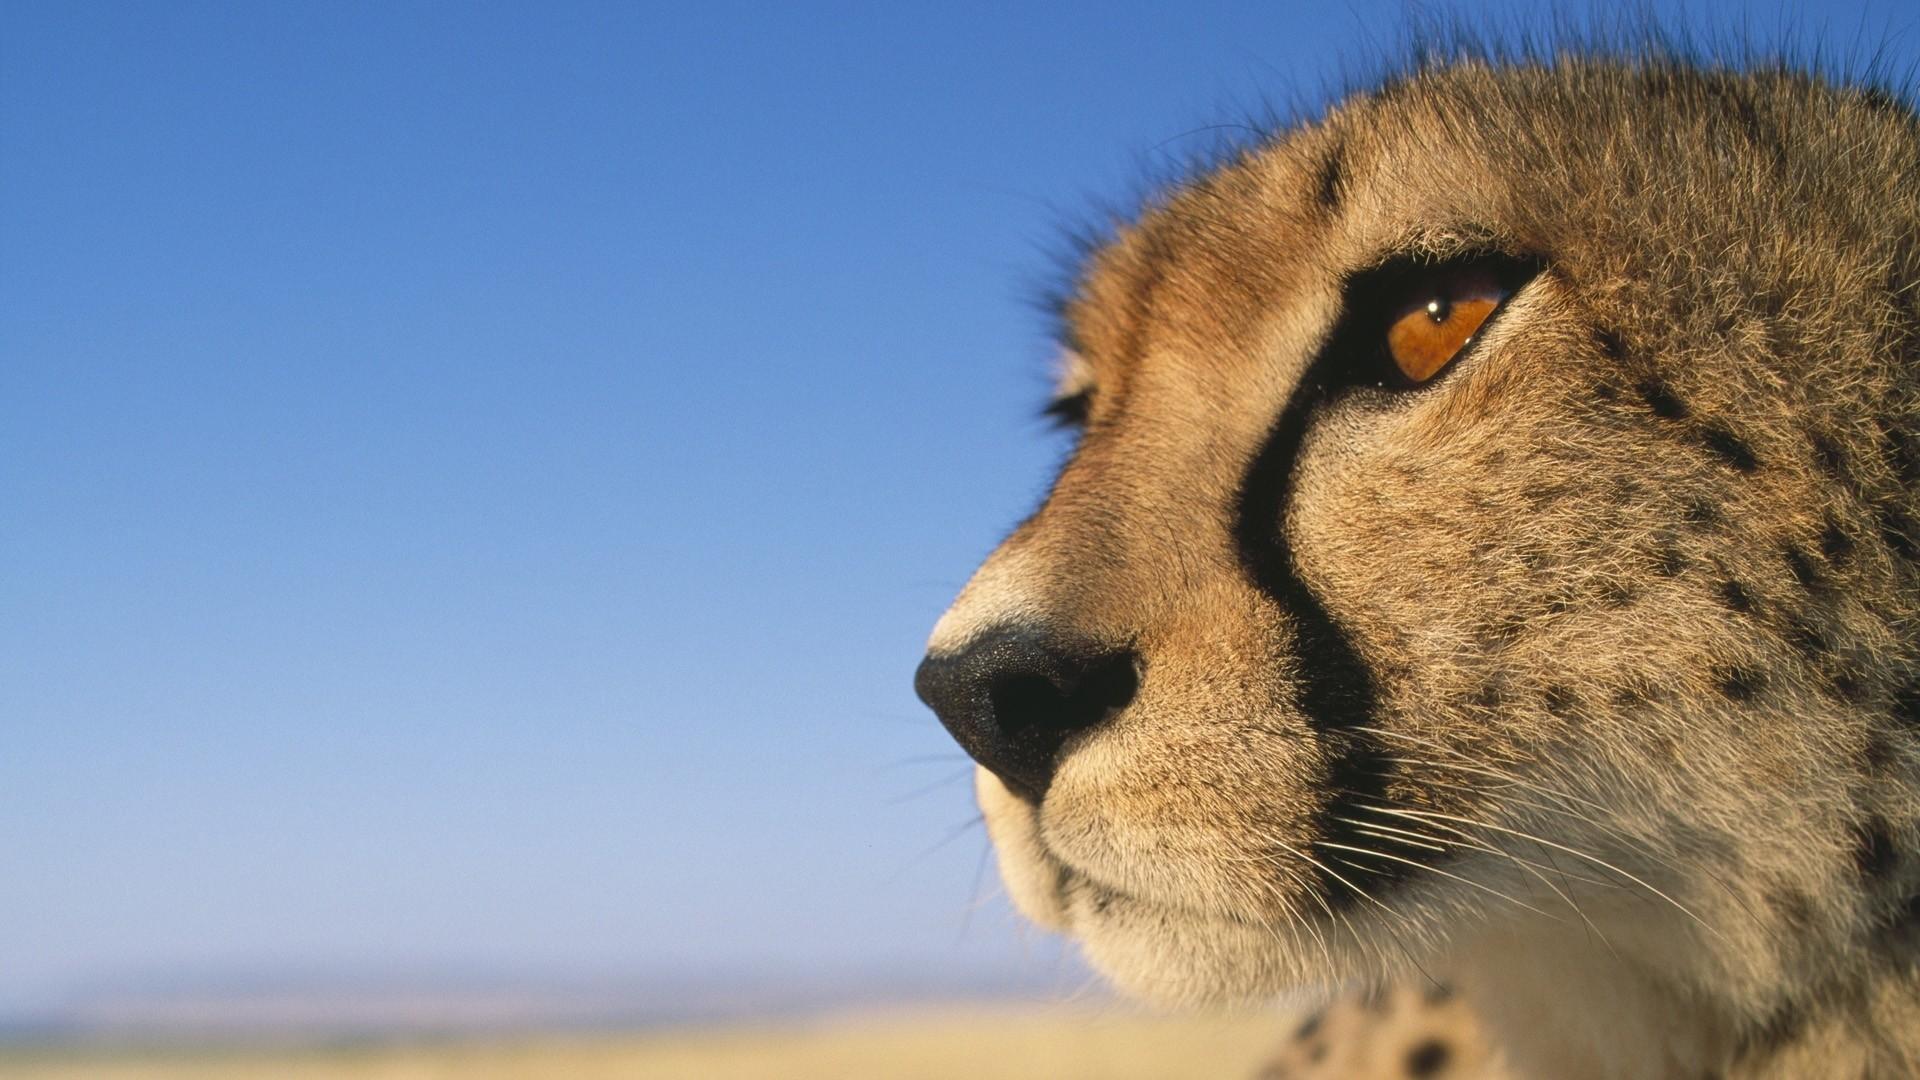 cheetah wallpaper 183��